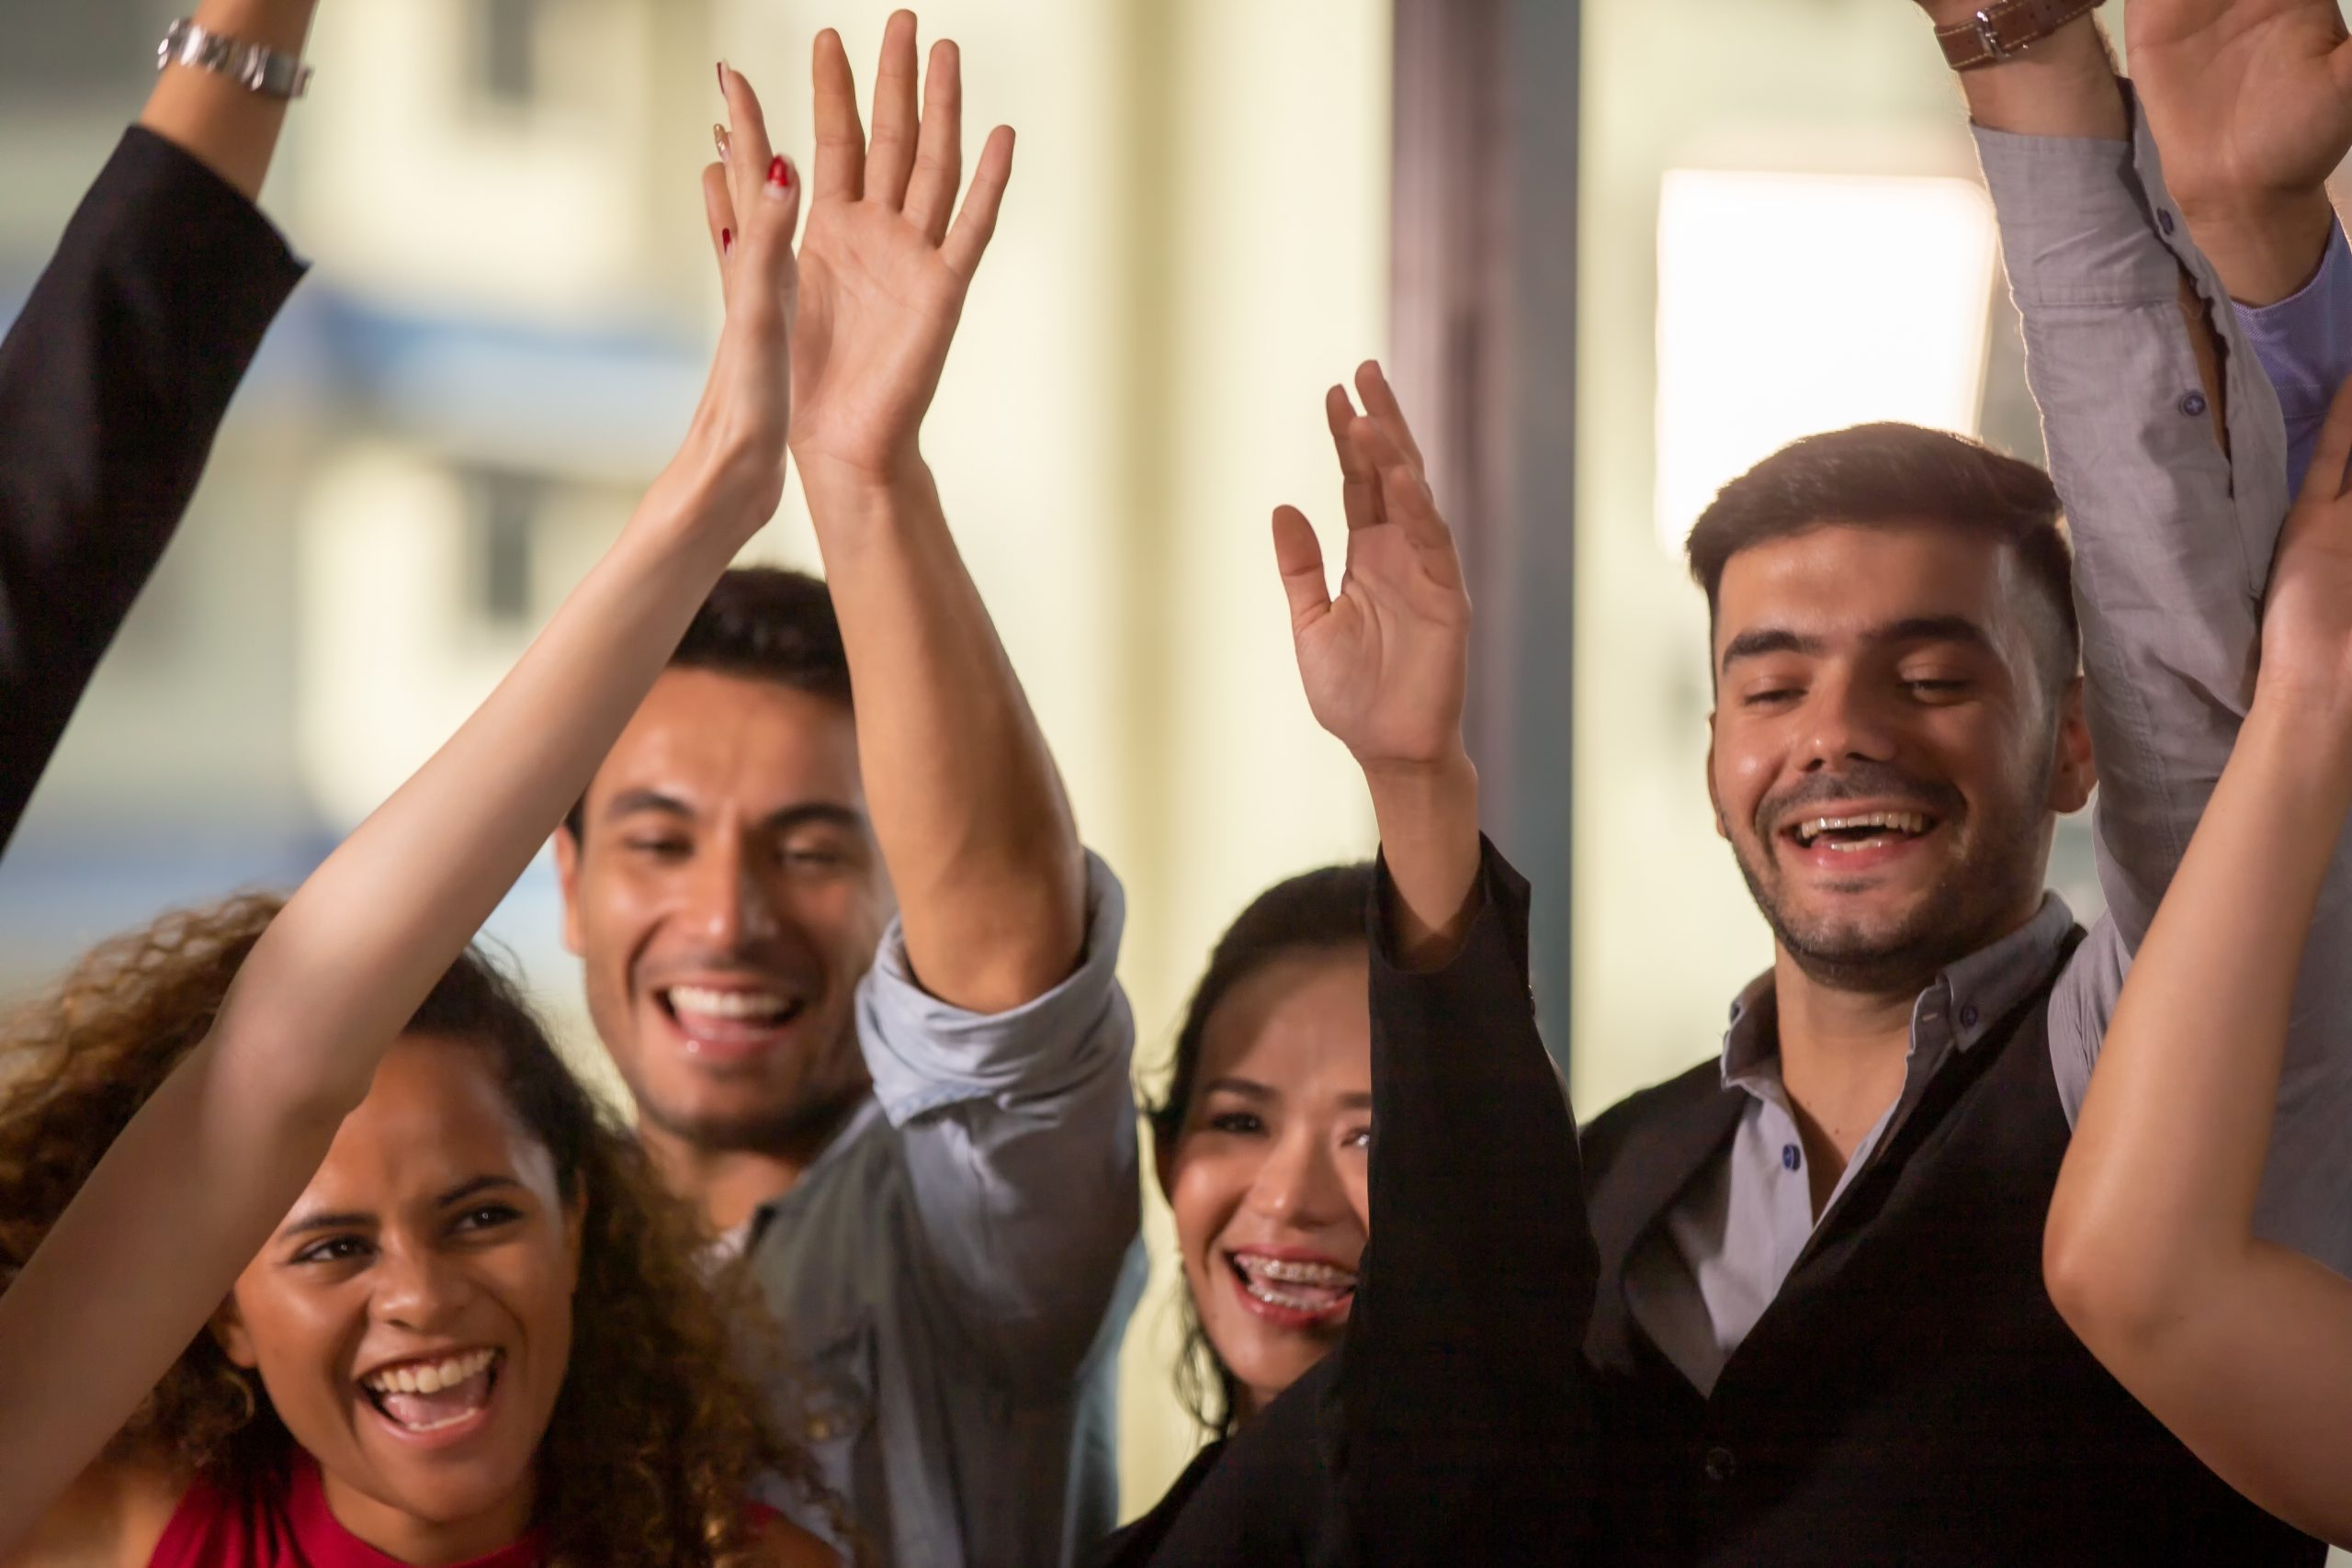 O sucesso de uma empresa muitas vezes depende do trabalho em equipe